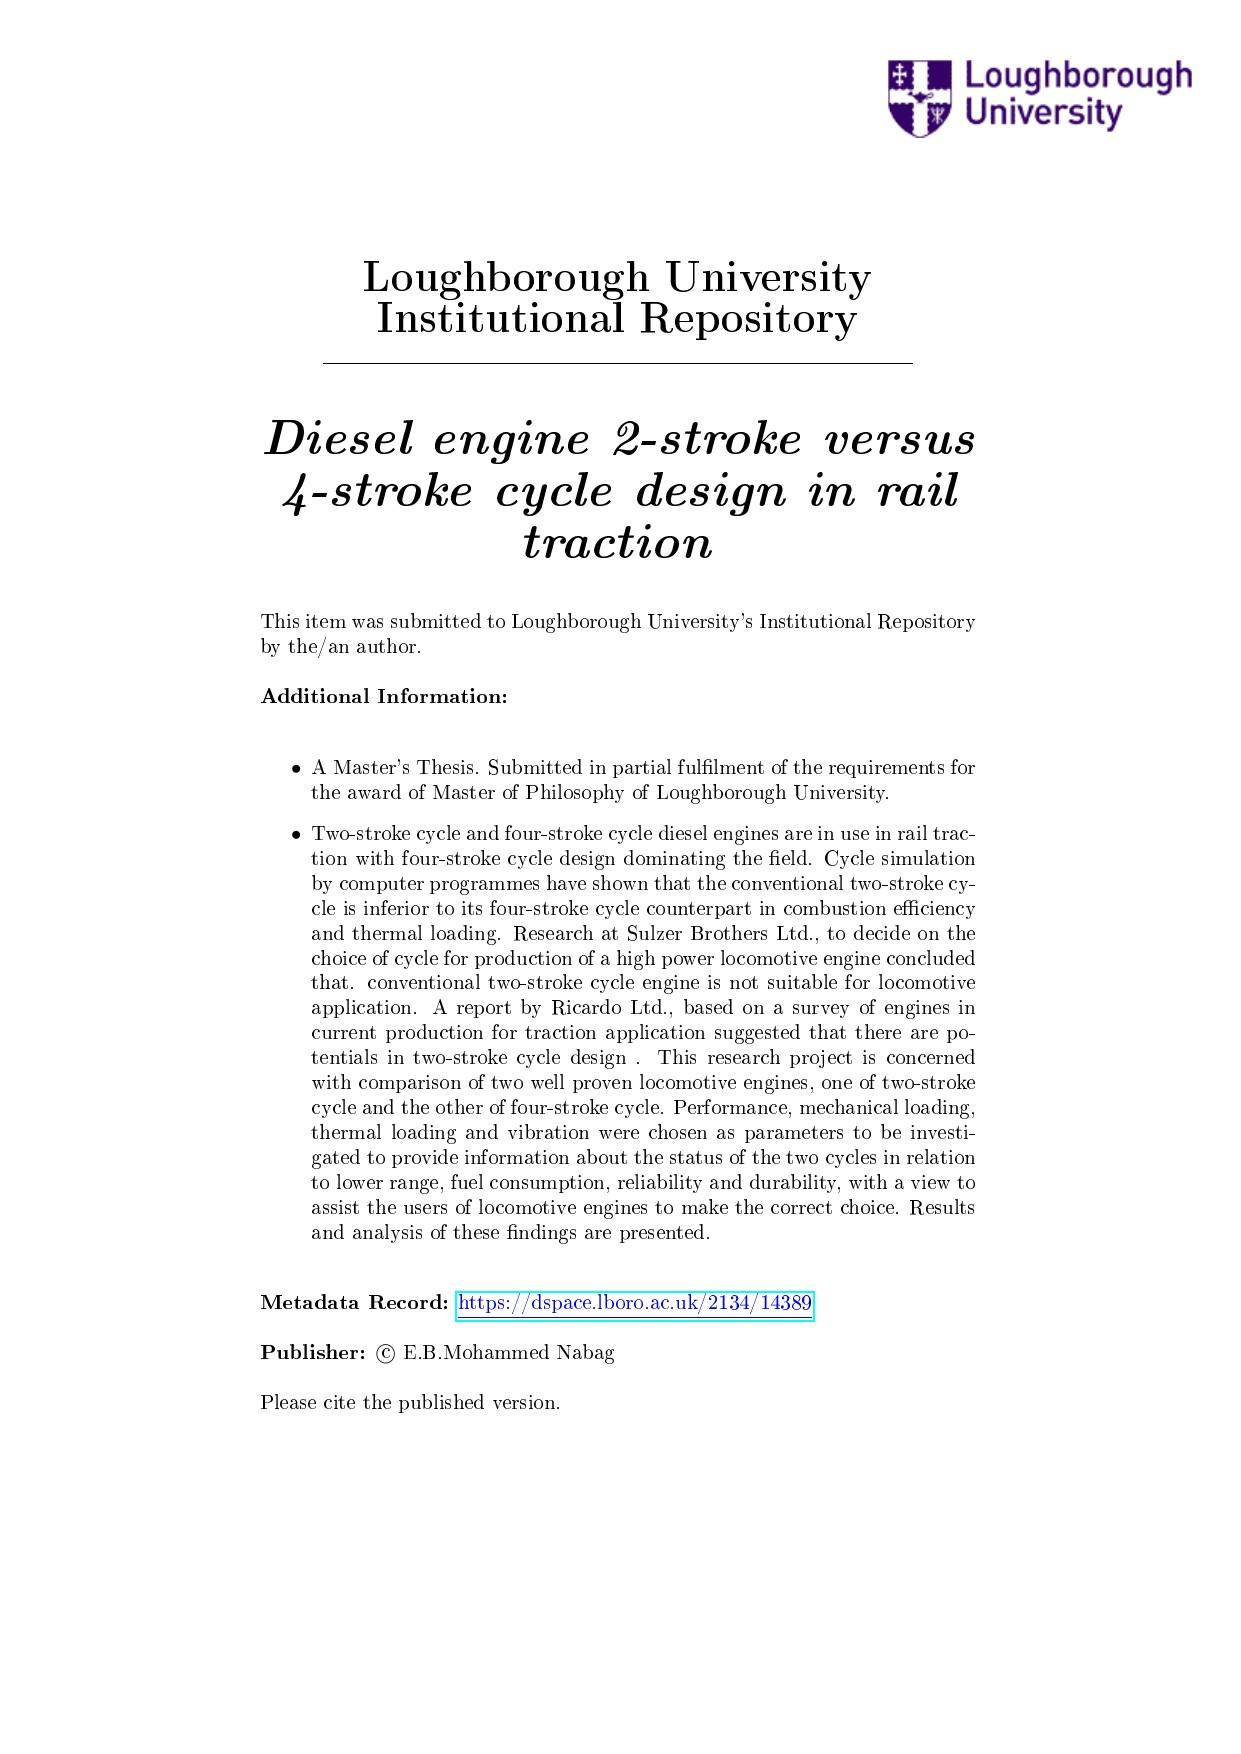 Valve Timing Diagram Of Four Stroke Diesel Engine Energies